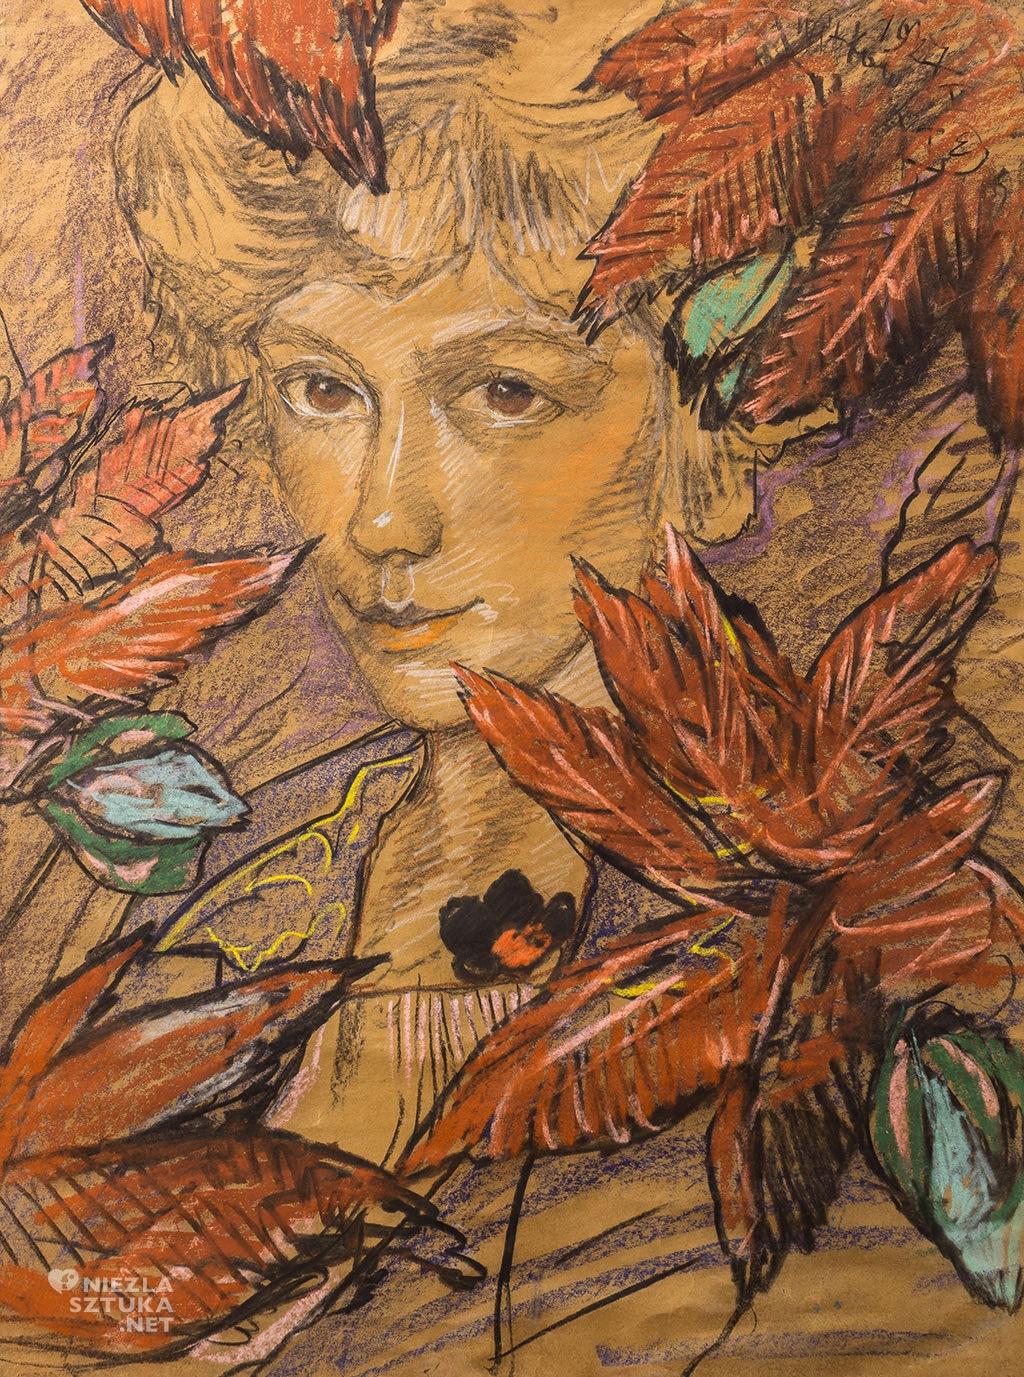 Stanisław Ignacy Witkiewicz, Portret Zofii Małeckiej (w liściach) |1927, pastel, papier, zbiory prywatne